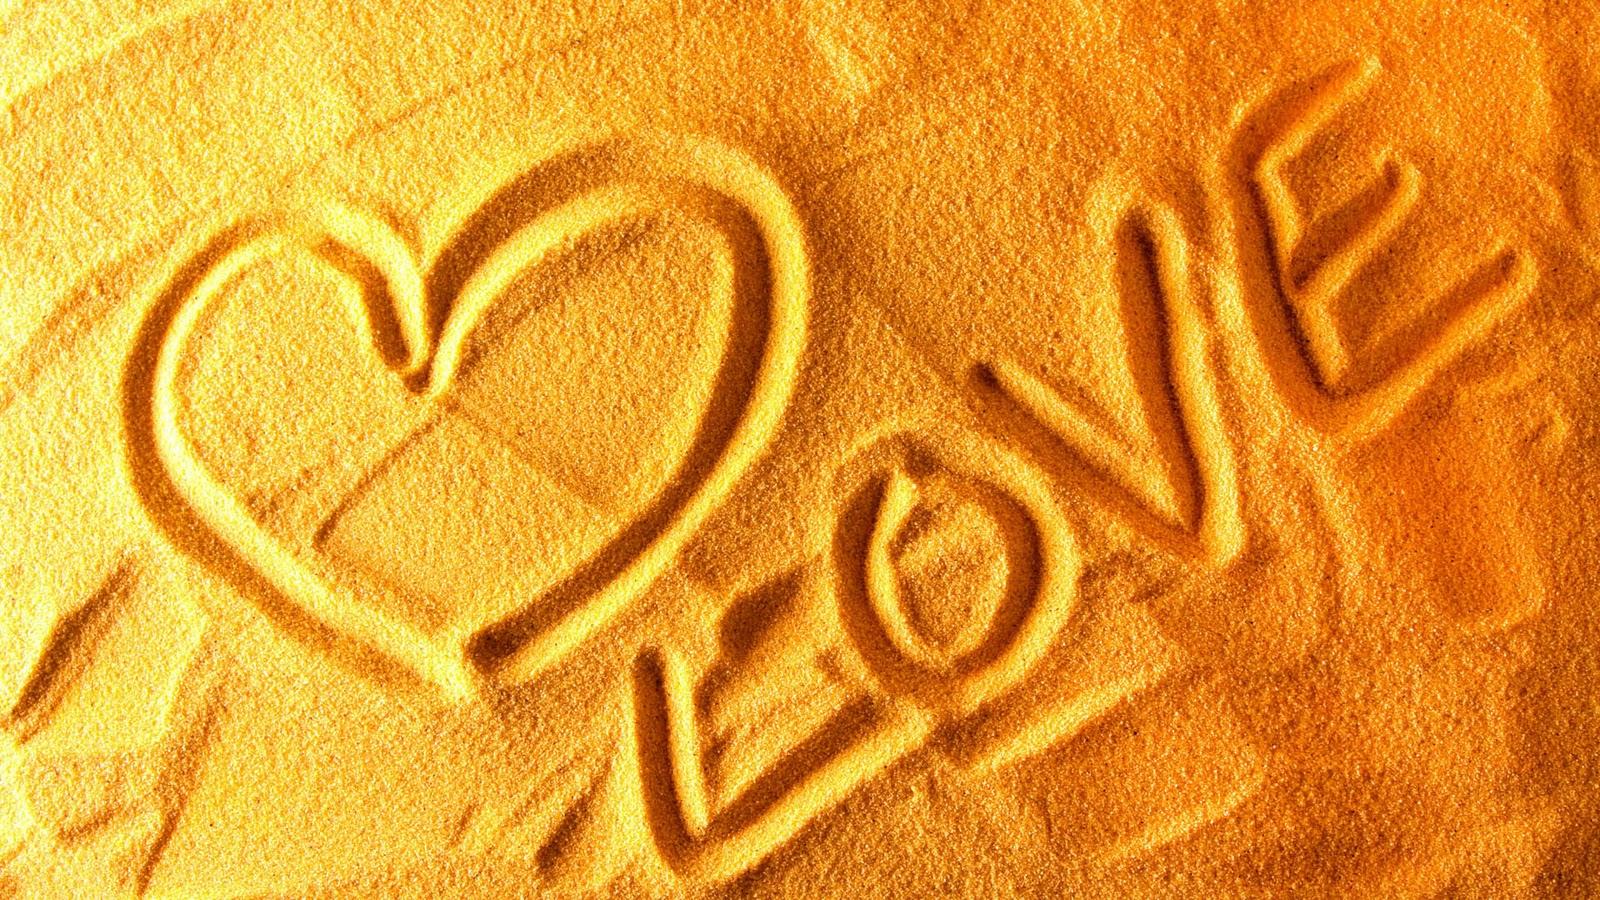 https://3.bp.blogspot.com/_nD_YgZuOadA/TVE7SpFvnOI/AAAAAAAABX8/b2eUp2Hx8TM/s1600/beautiful-sand-love-hd-wallpaper-1920x1080.jpg